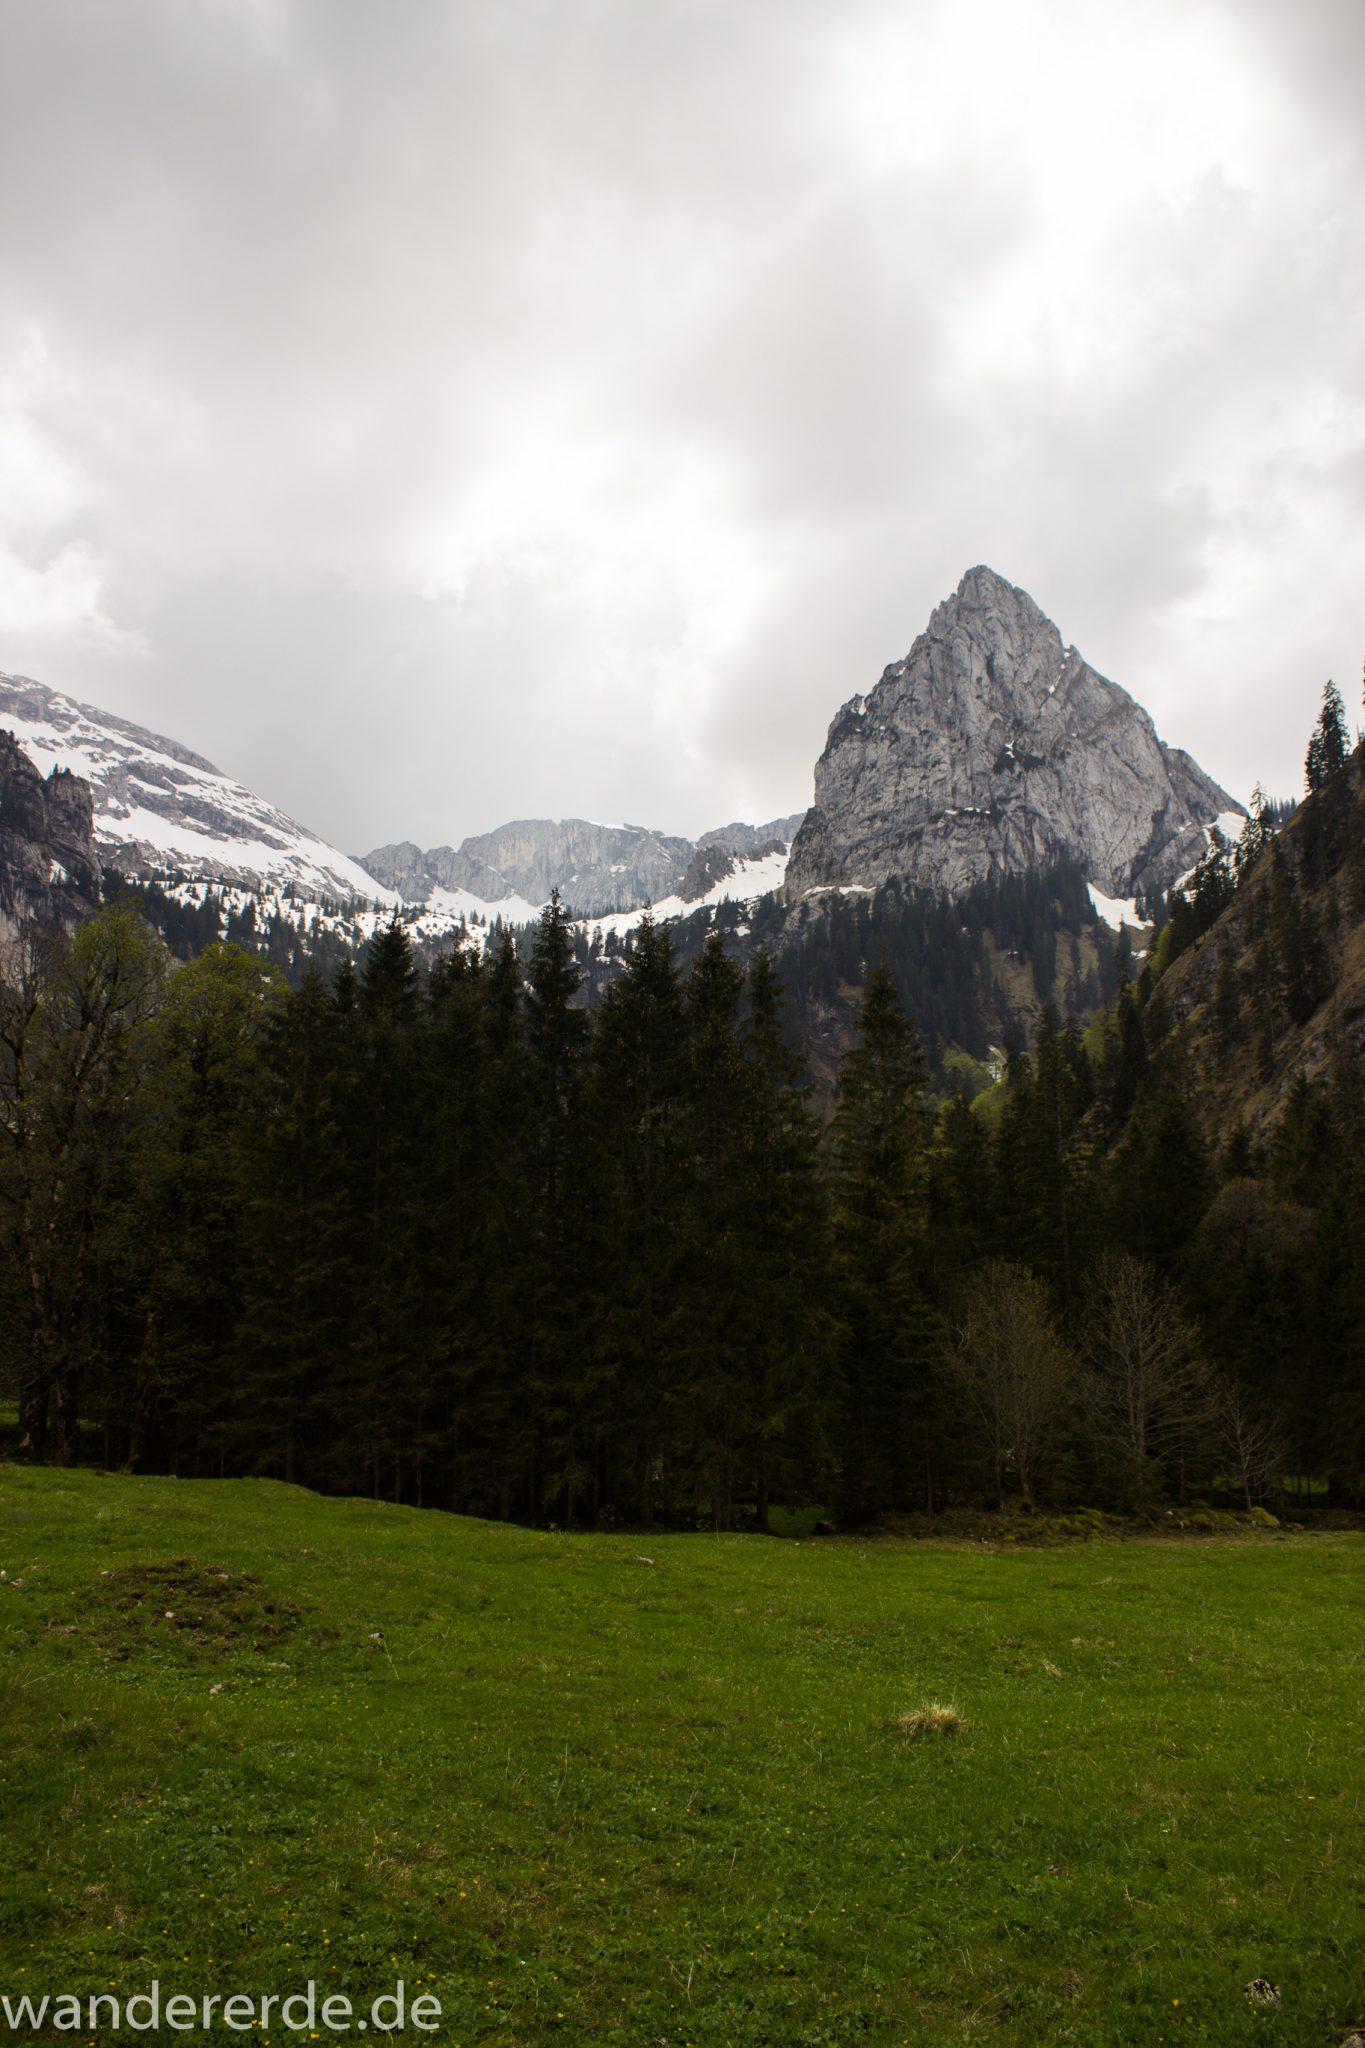 Wanderung zur Kenzenhütte in den Ammergauer Alpen, Aussicht auf die Berge, spitzer Gipfel, Frühjahr in den bayerischen Alpen, Wanderweg entlang dichtem grünen Wald und saftigen Wiesen